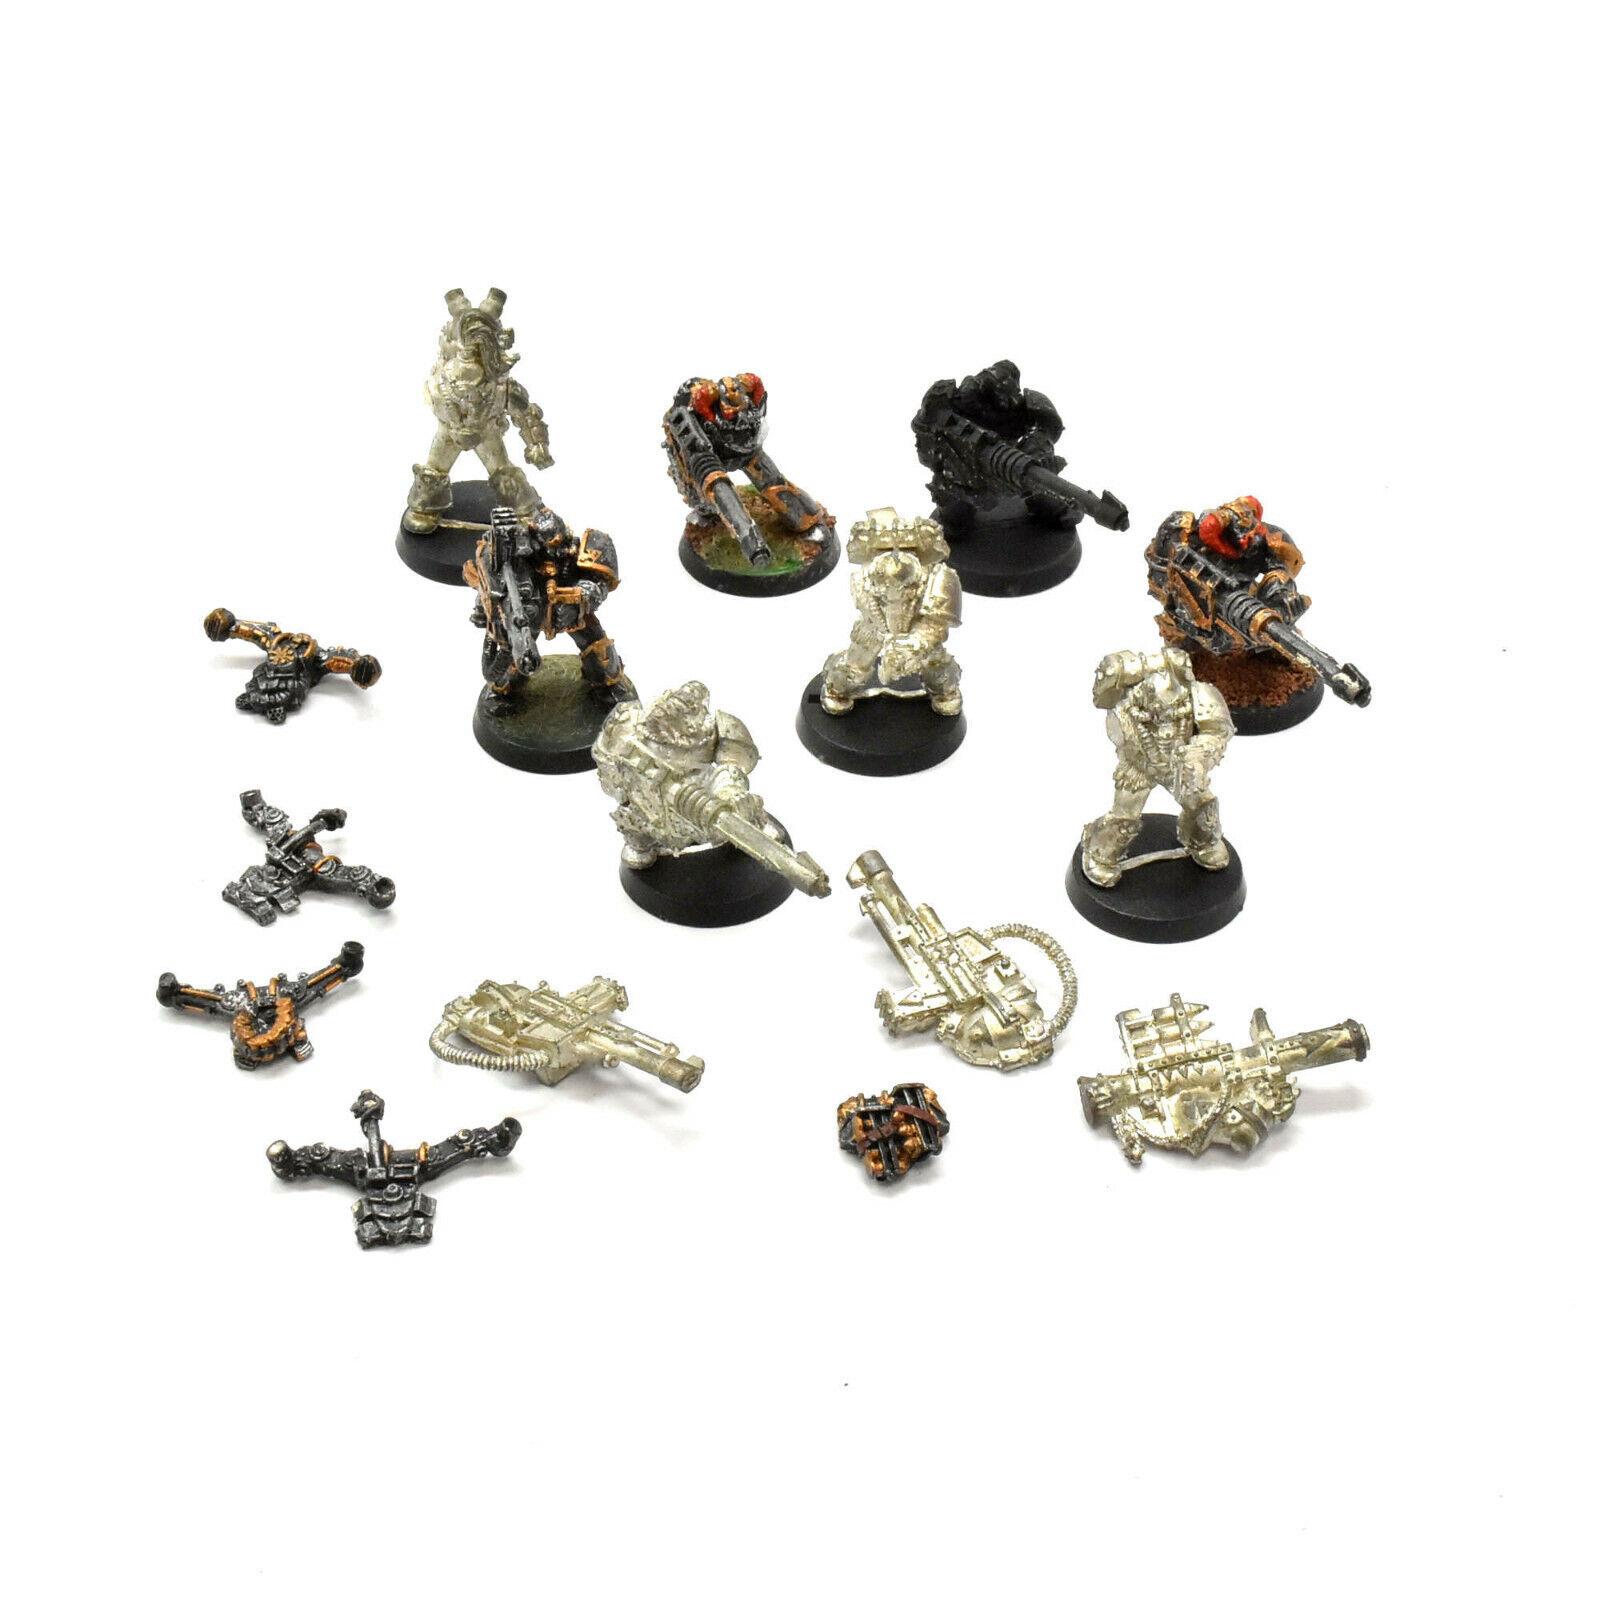 la mejor oferta de tienda online Caos marines marines marines espaciales 8 estragos  2 Warhammer 40K Metal estragos  venta caliente